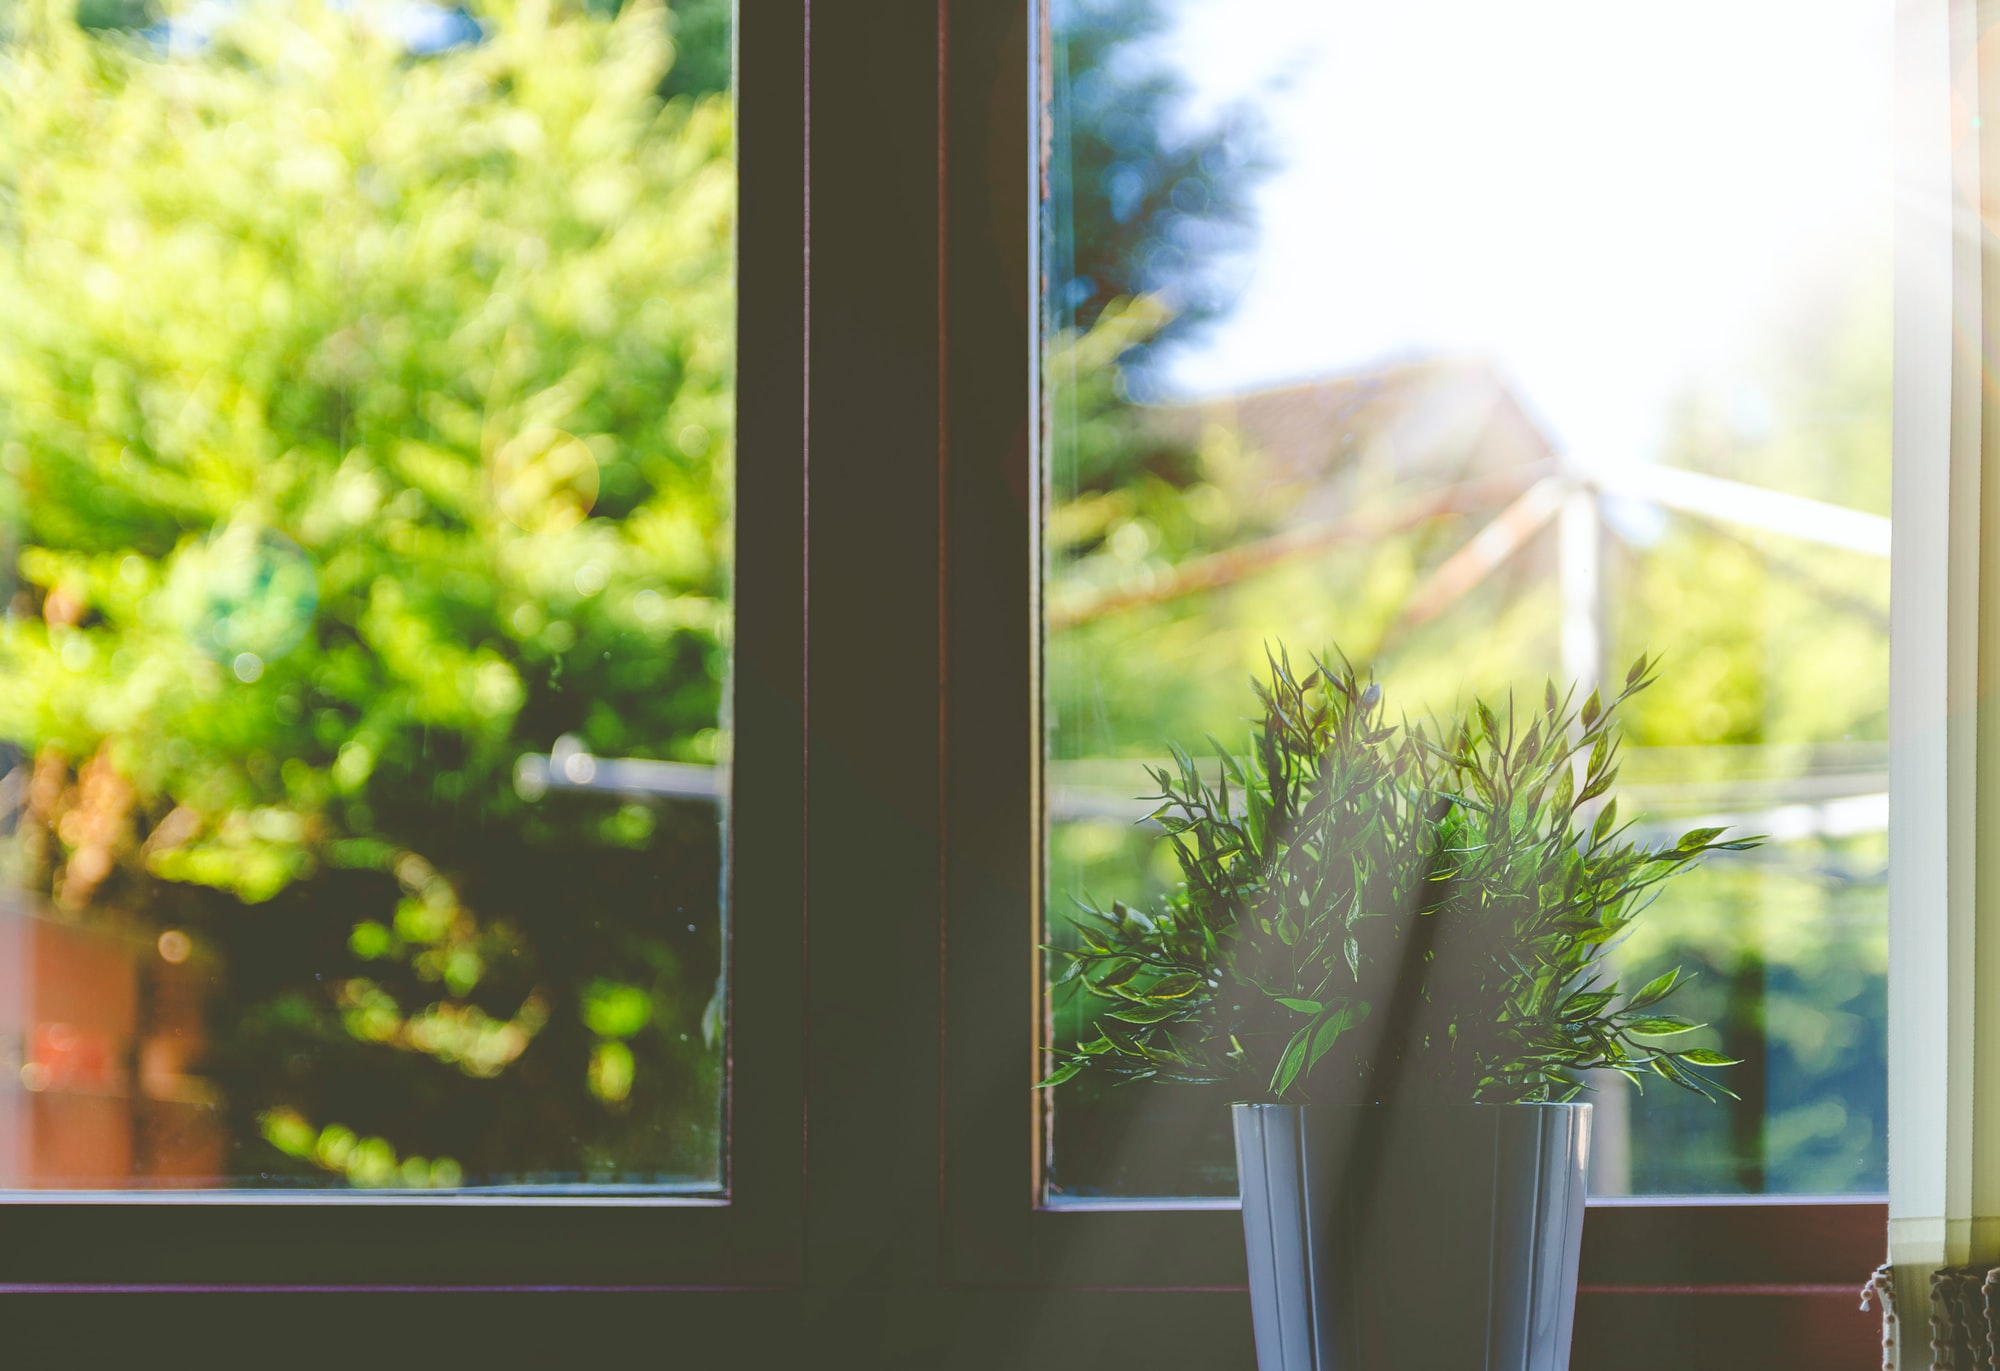 #6 - Windows